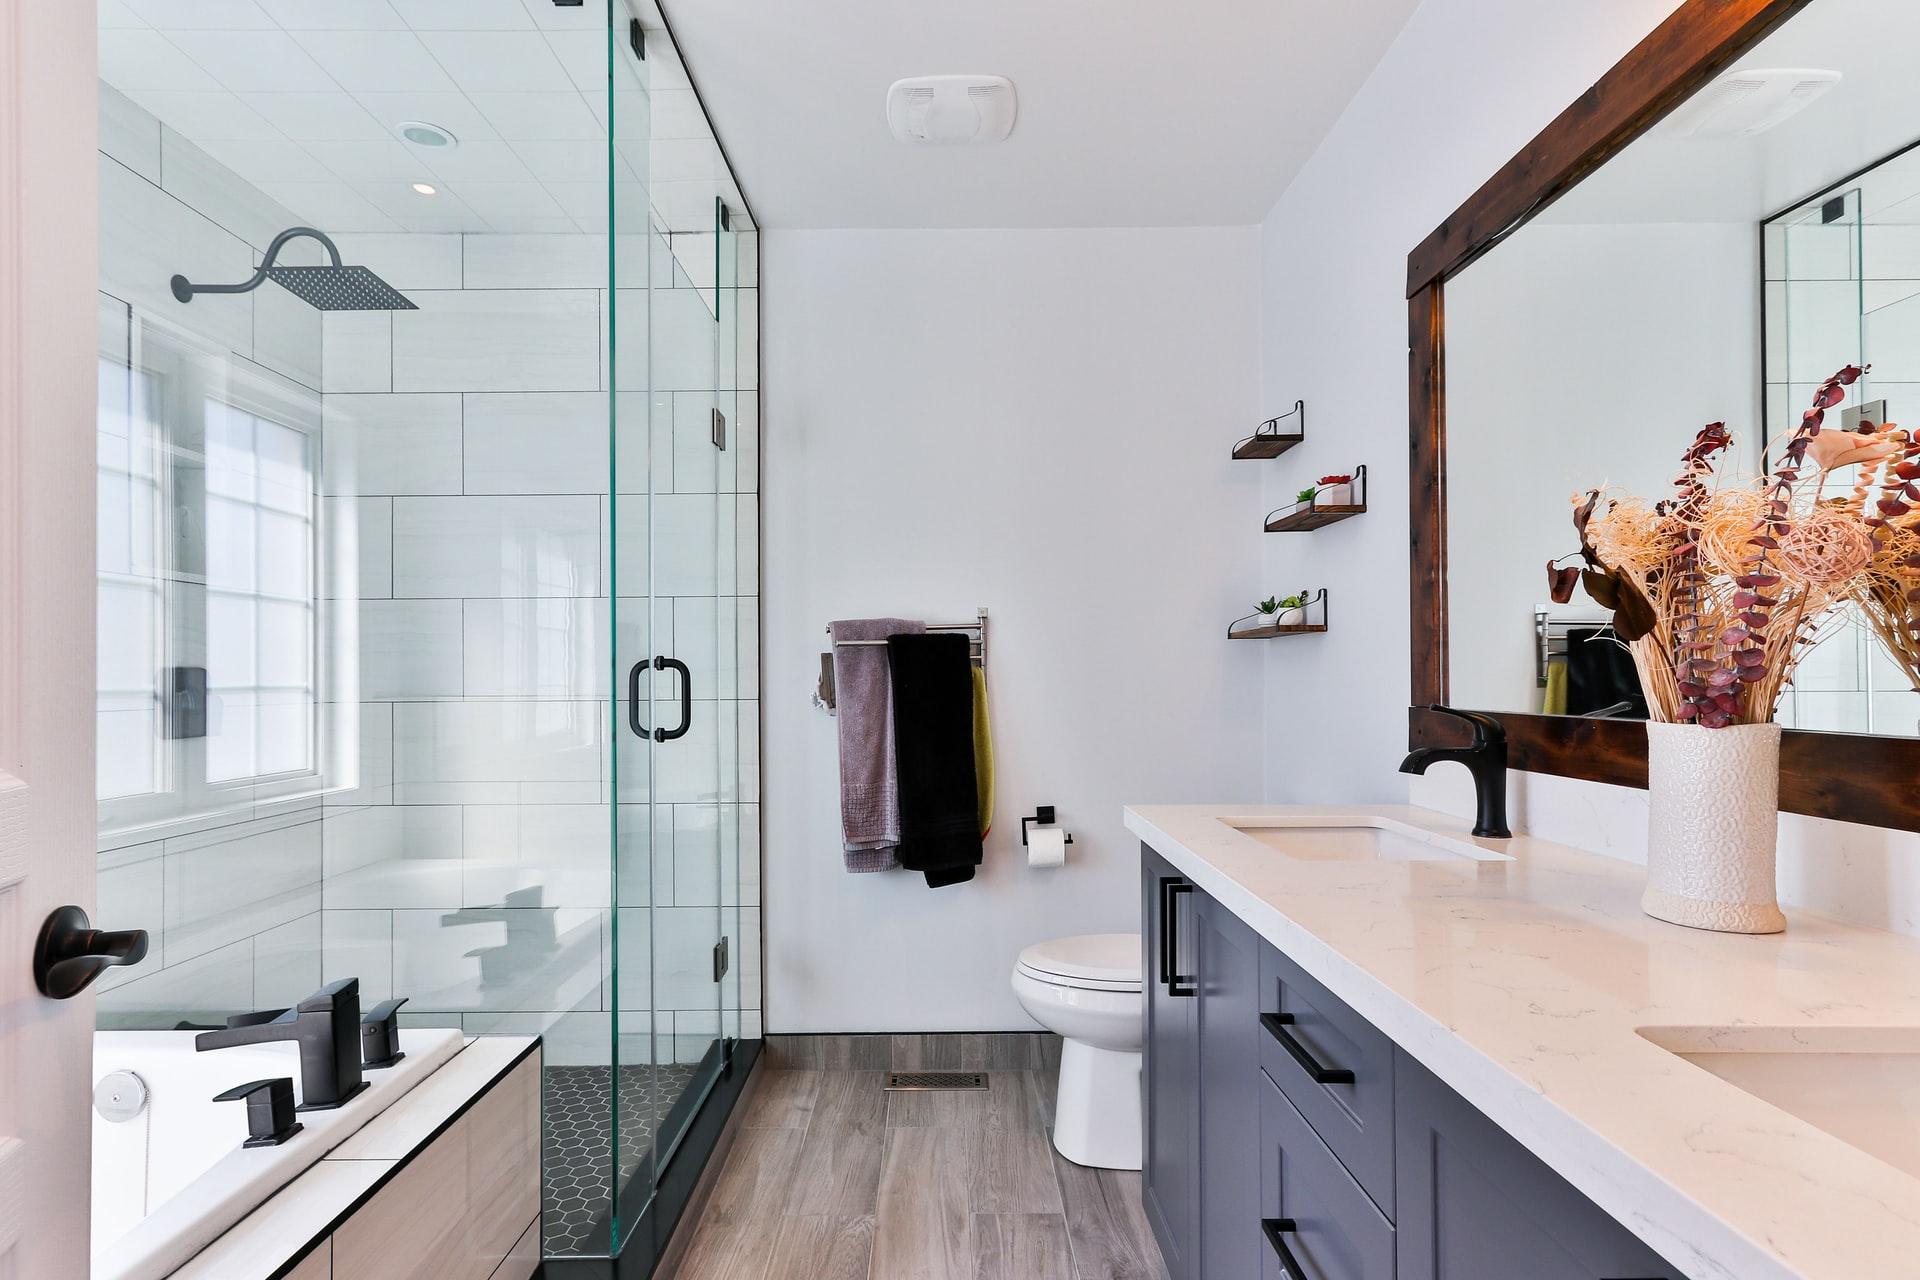 Bathroom remodeling for a fresh mind